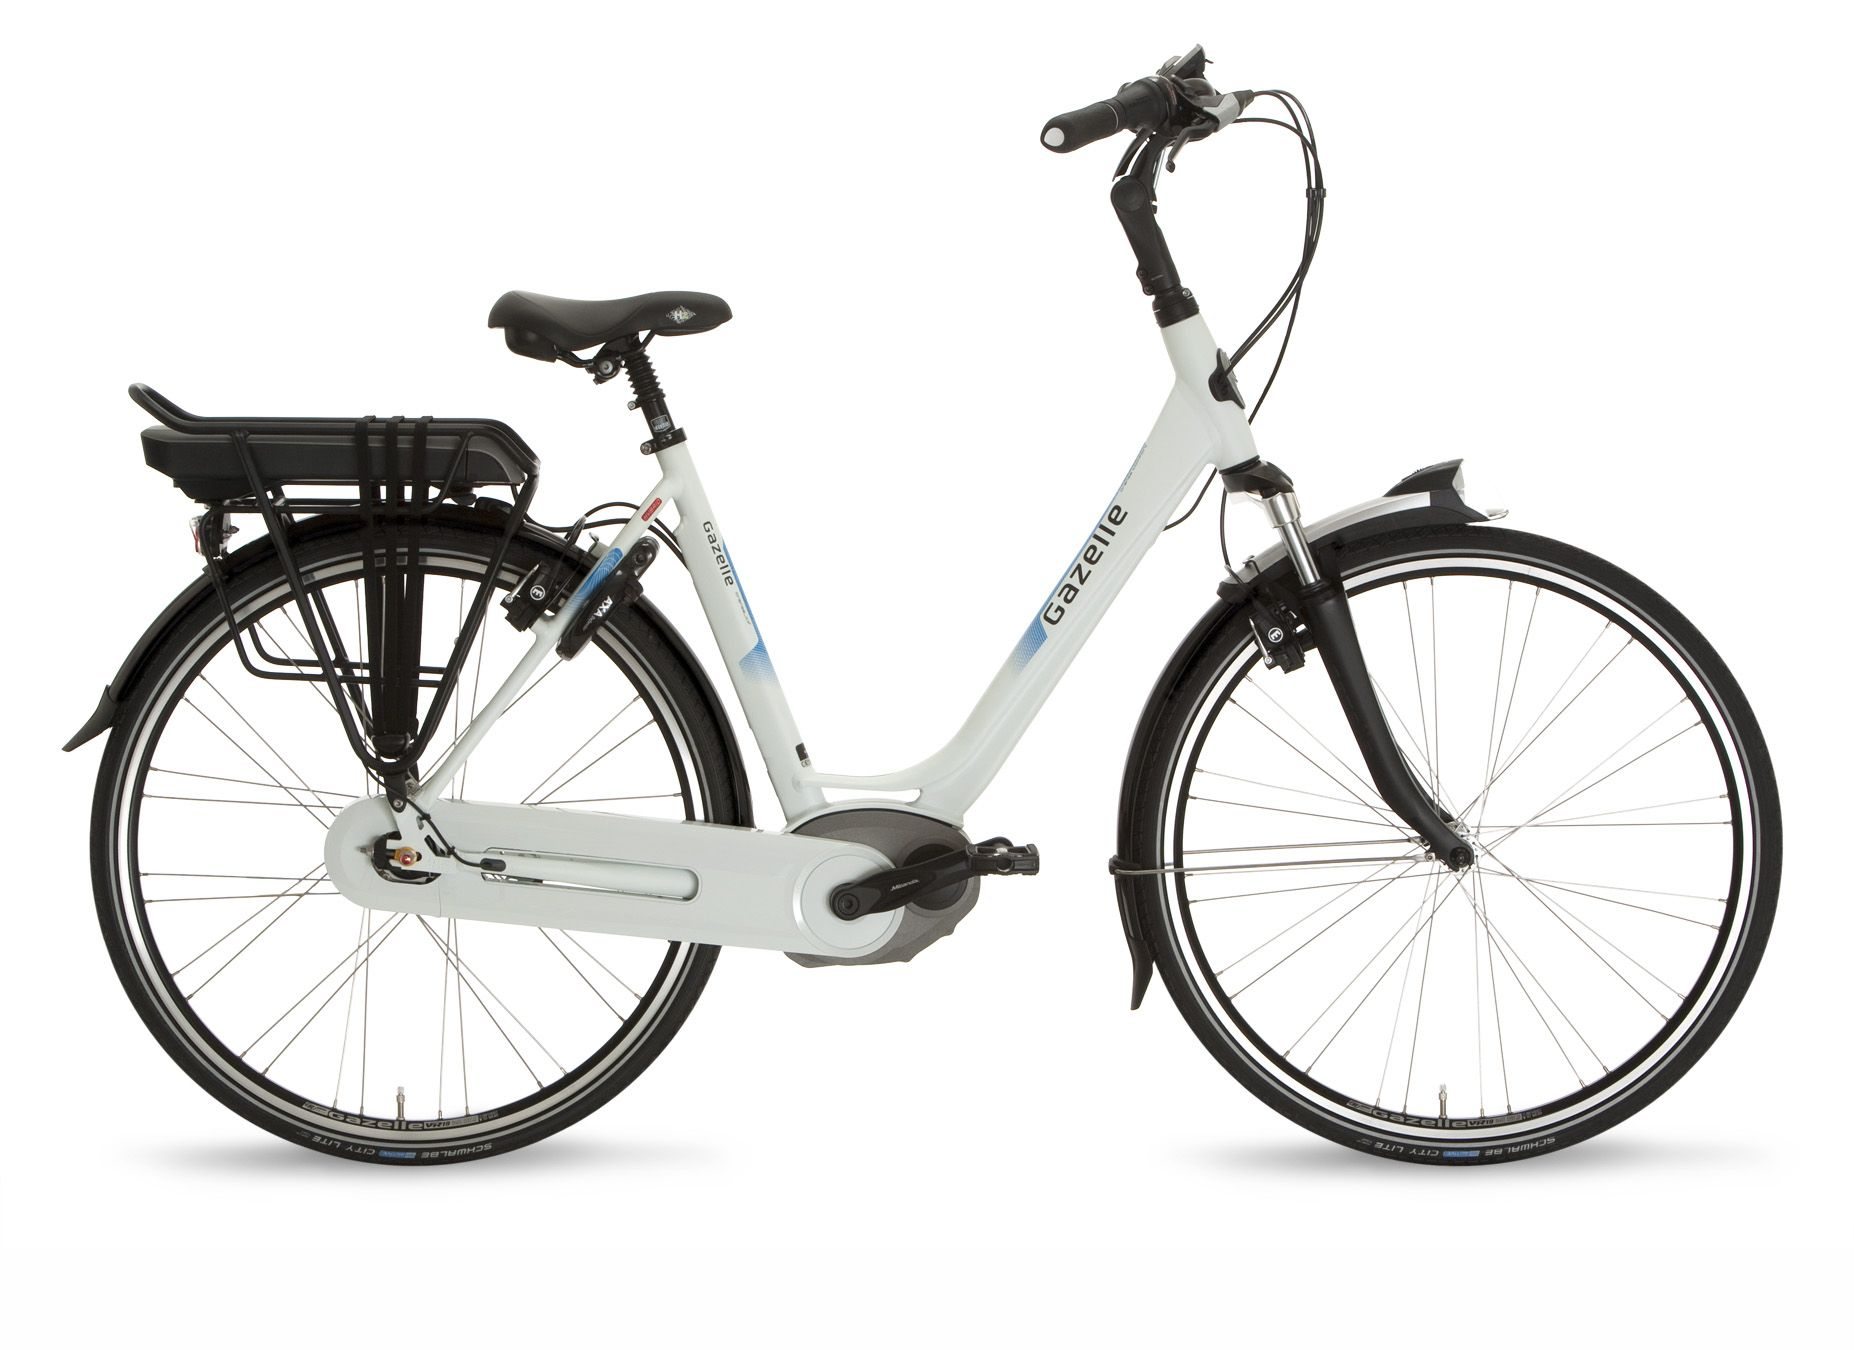 gazelle fiets 2014 elektrisch - Google zoeken